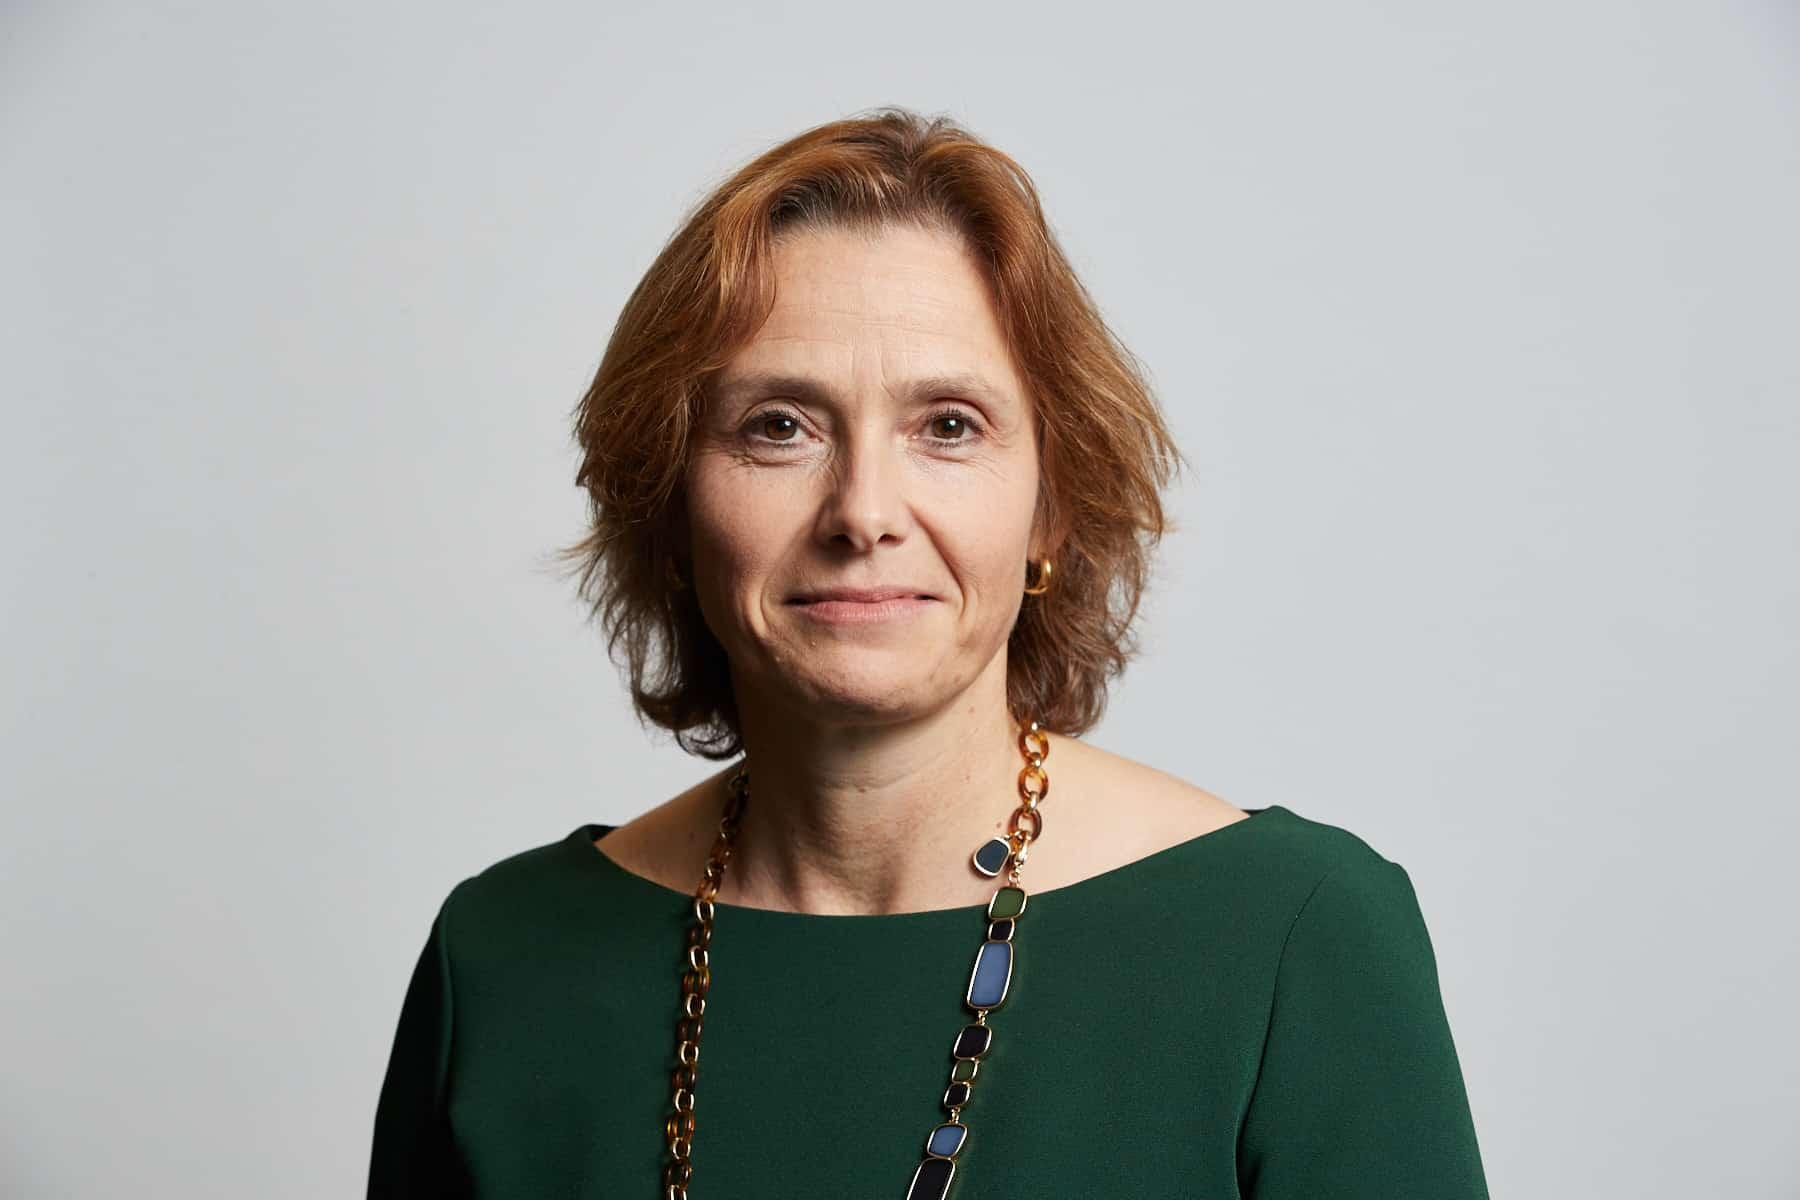 De Beers Group appoints Sarah Kuijlaars as CFO